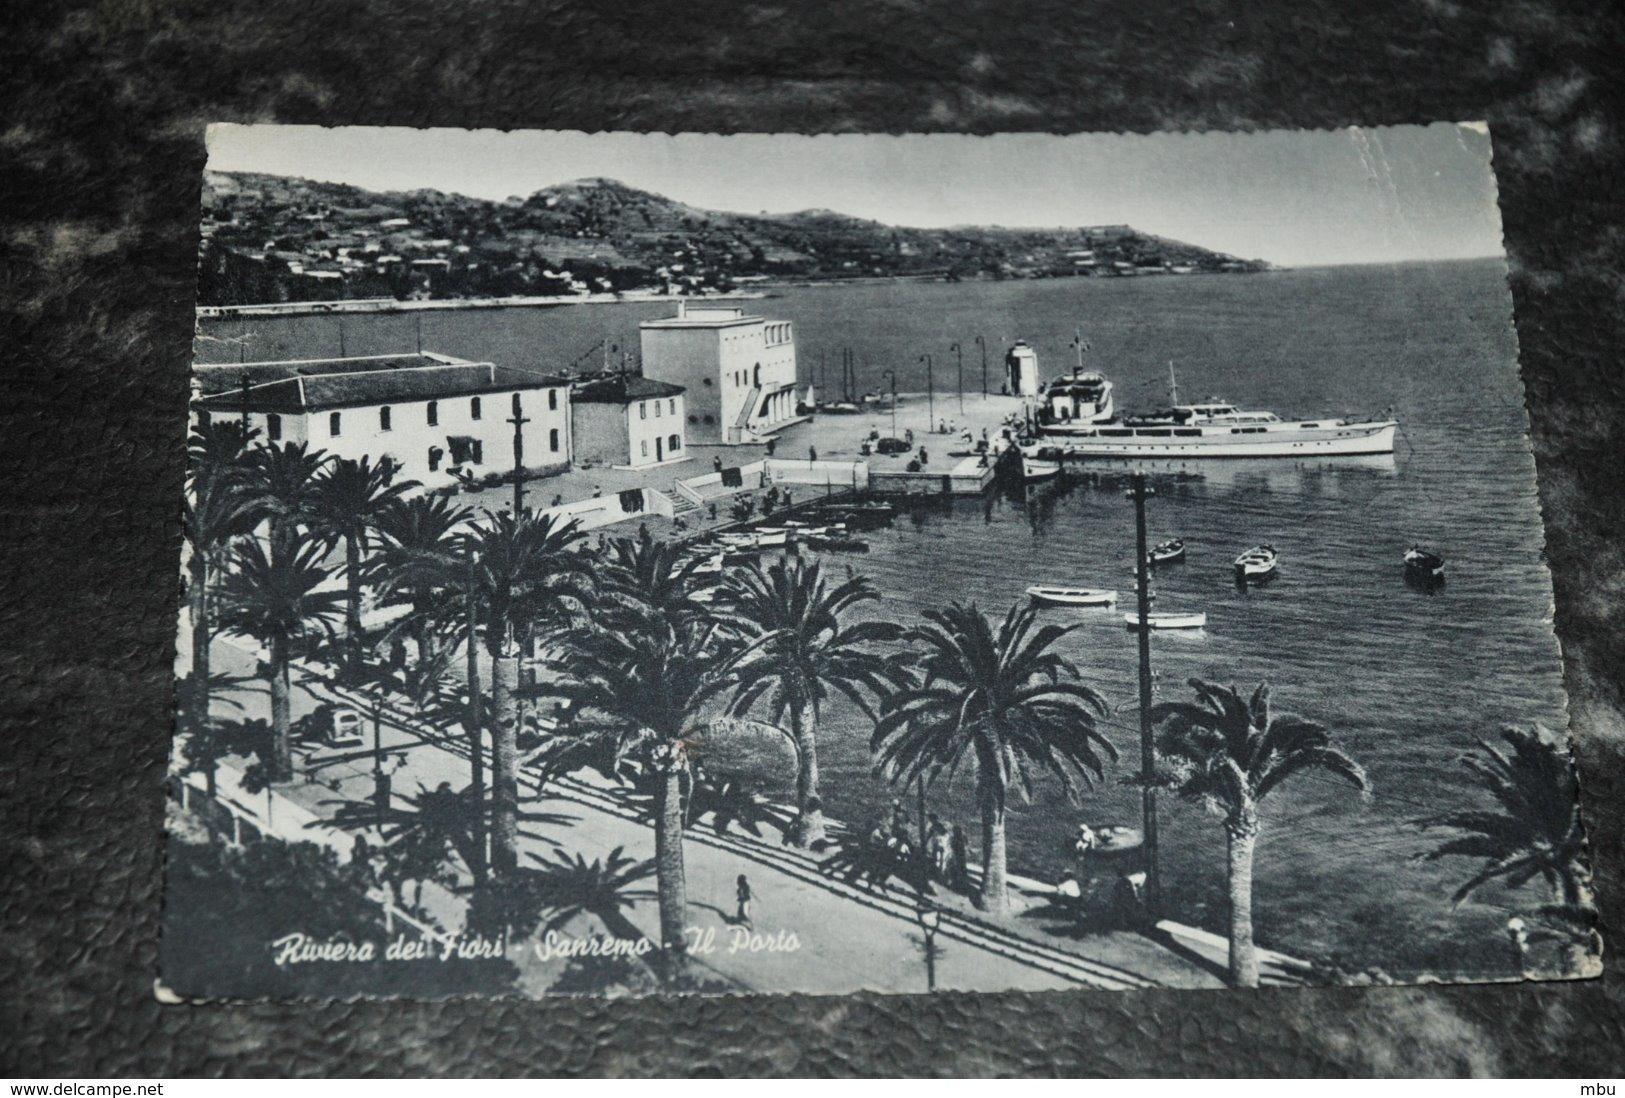 6974    SAN REMO, RIVIERA DEI FIORI, IL PORTO - Imperia